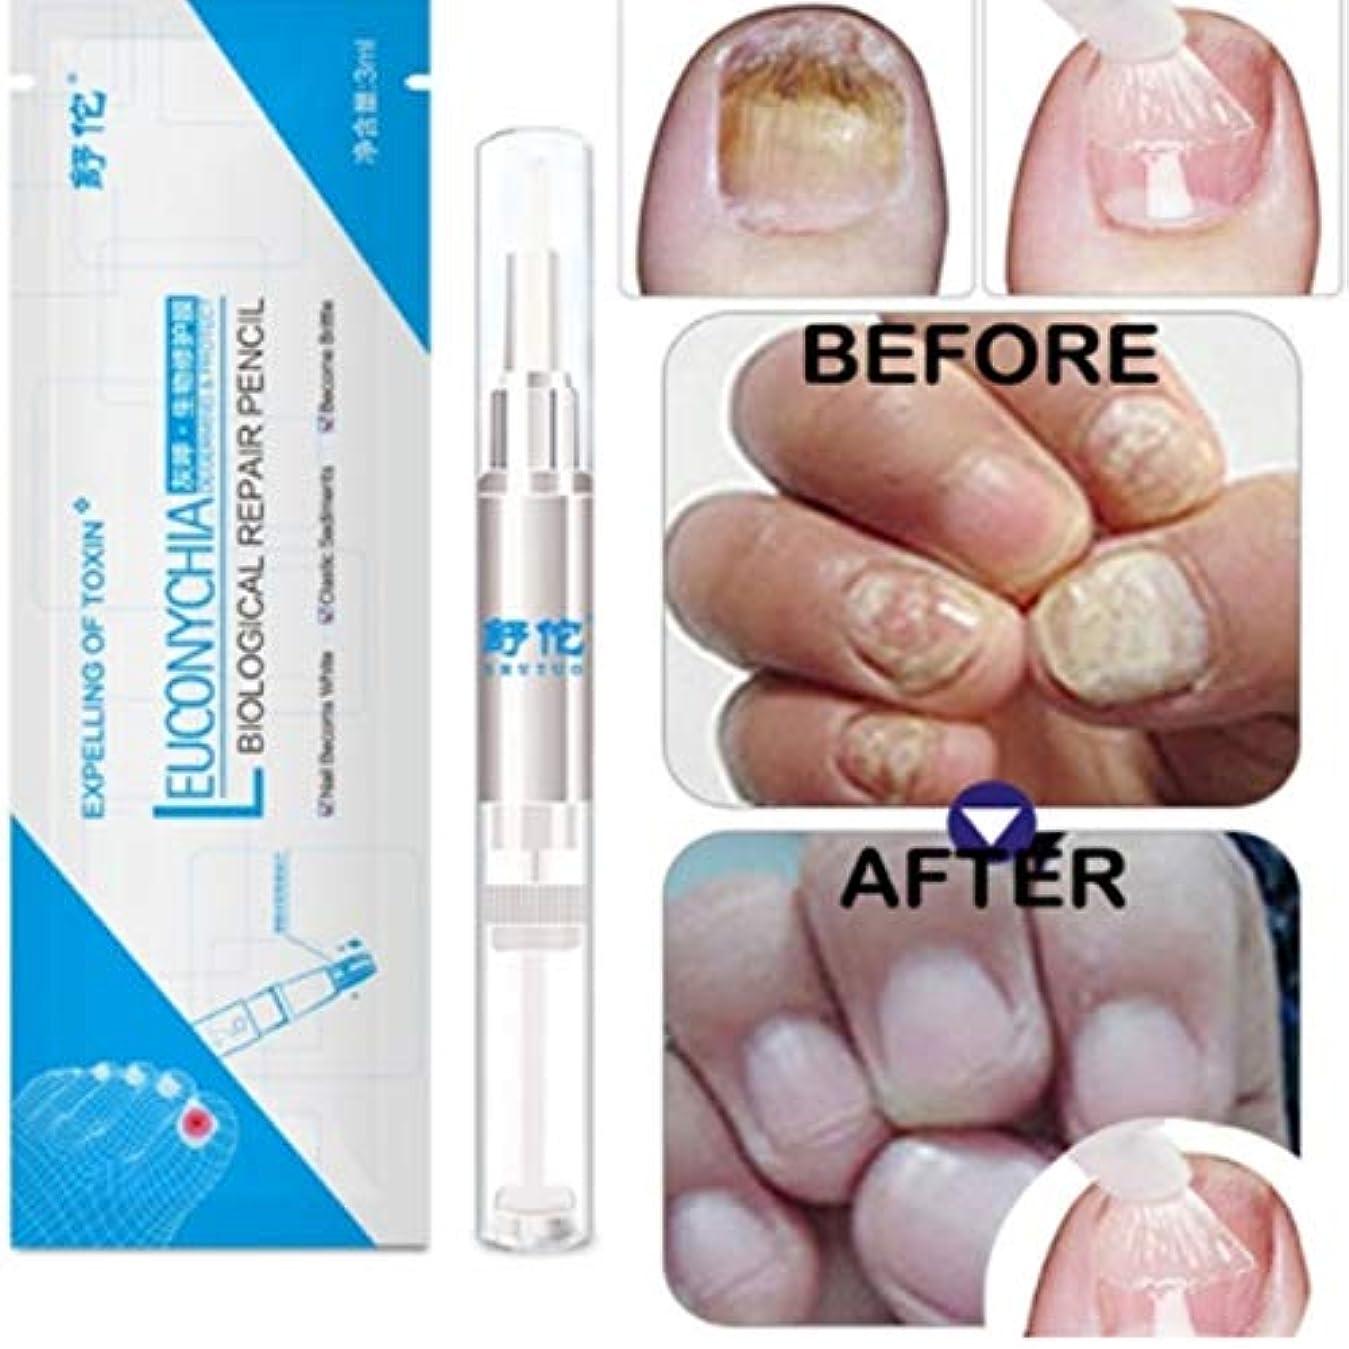 ズボンマリン顕著Kongqiabona 3ML真菌爪治療ペン爪真菌症爪垢抗真菌爪の感染中国のハーブトウネイル真菌の治療